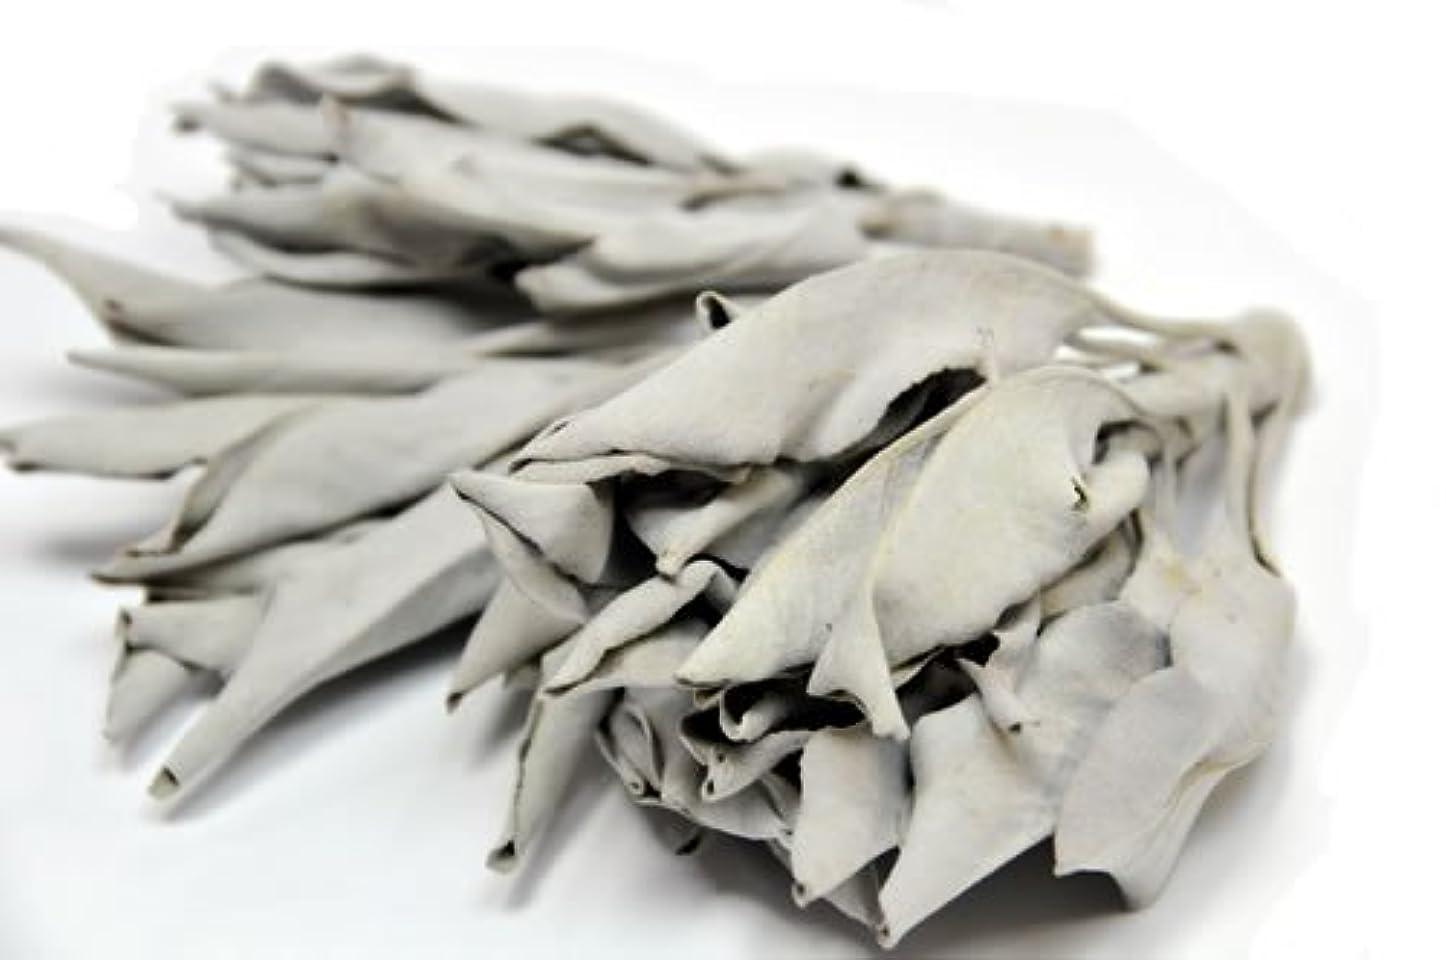 ホワイトセージ100g プロ用 浄化上質クラスター カリフォルニア産 ワイルド野生種(wild)